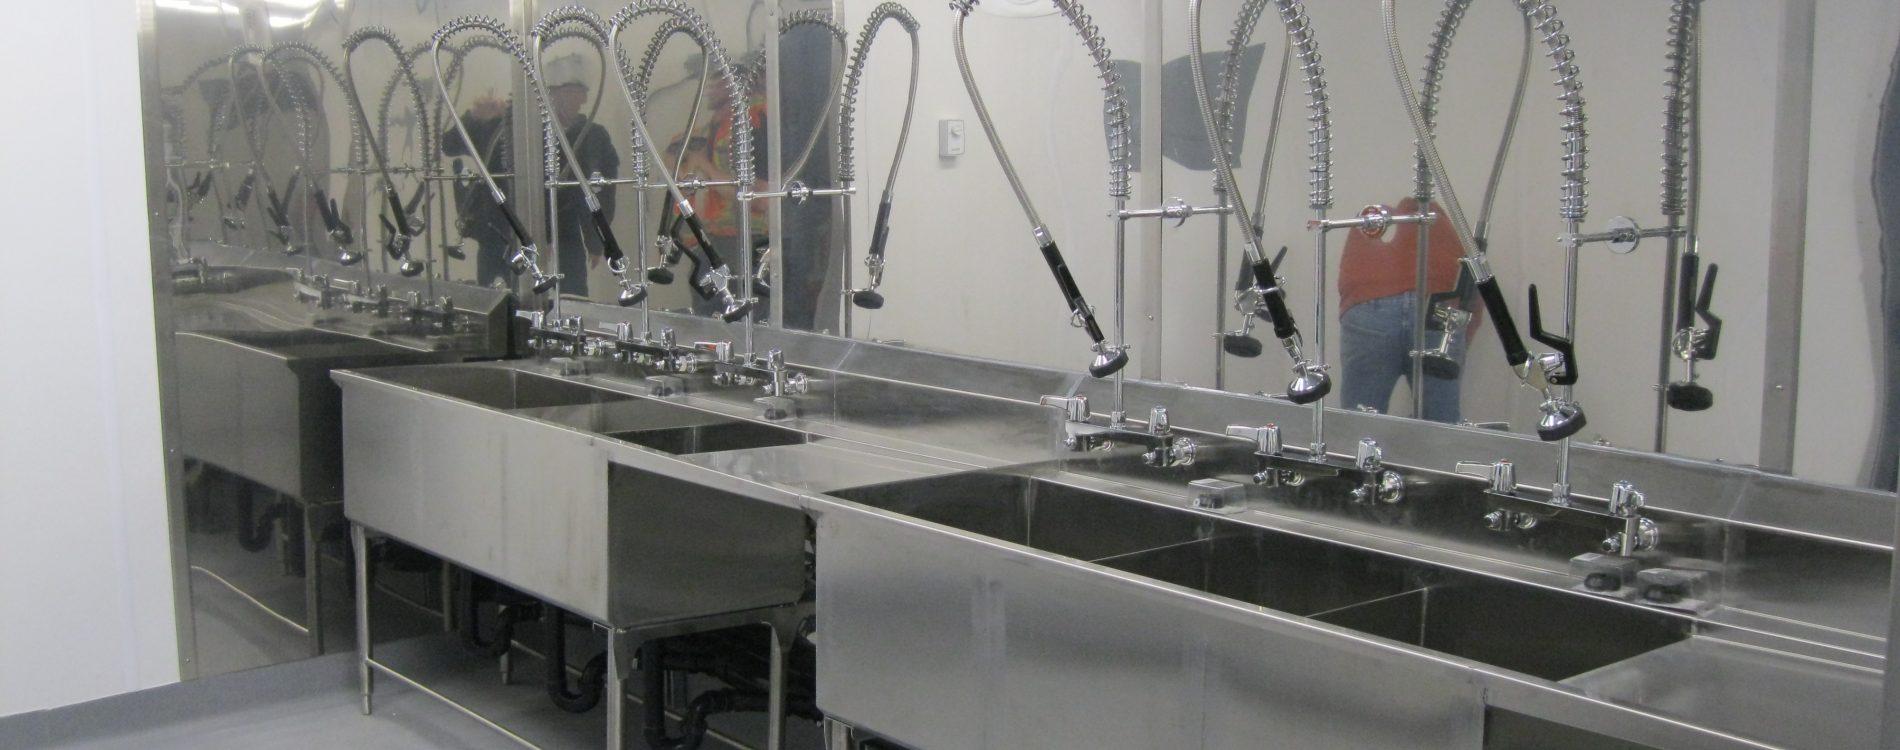 Bottle Wash Unit - 12x60